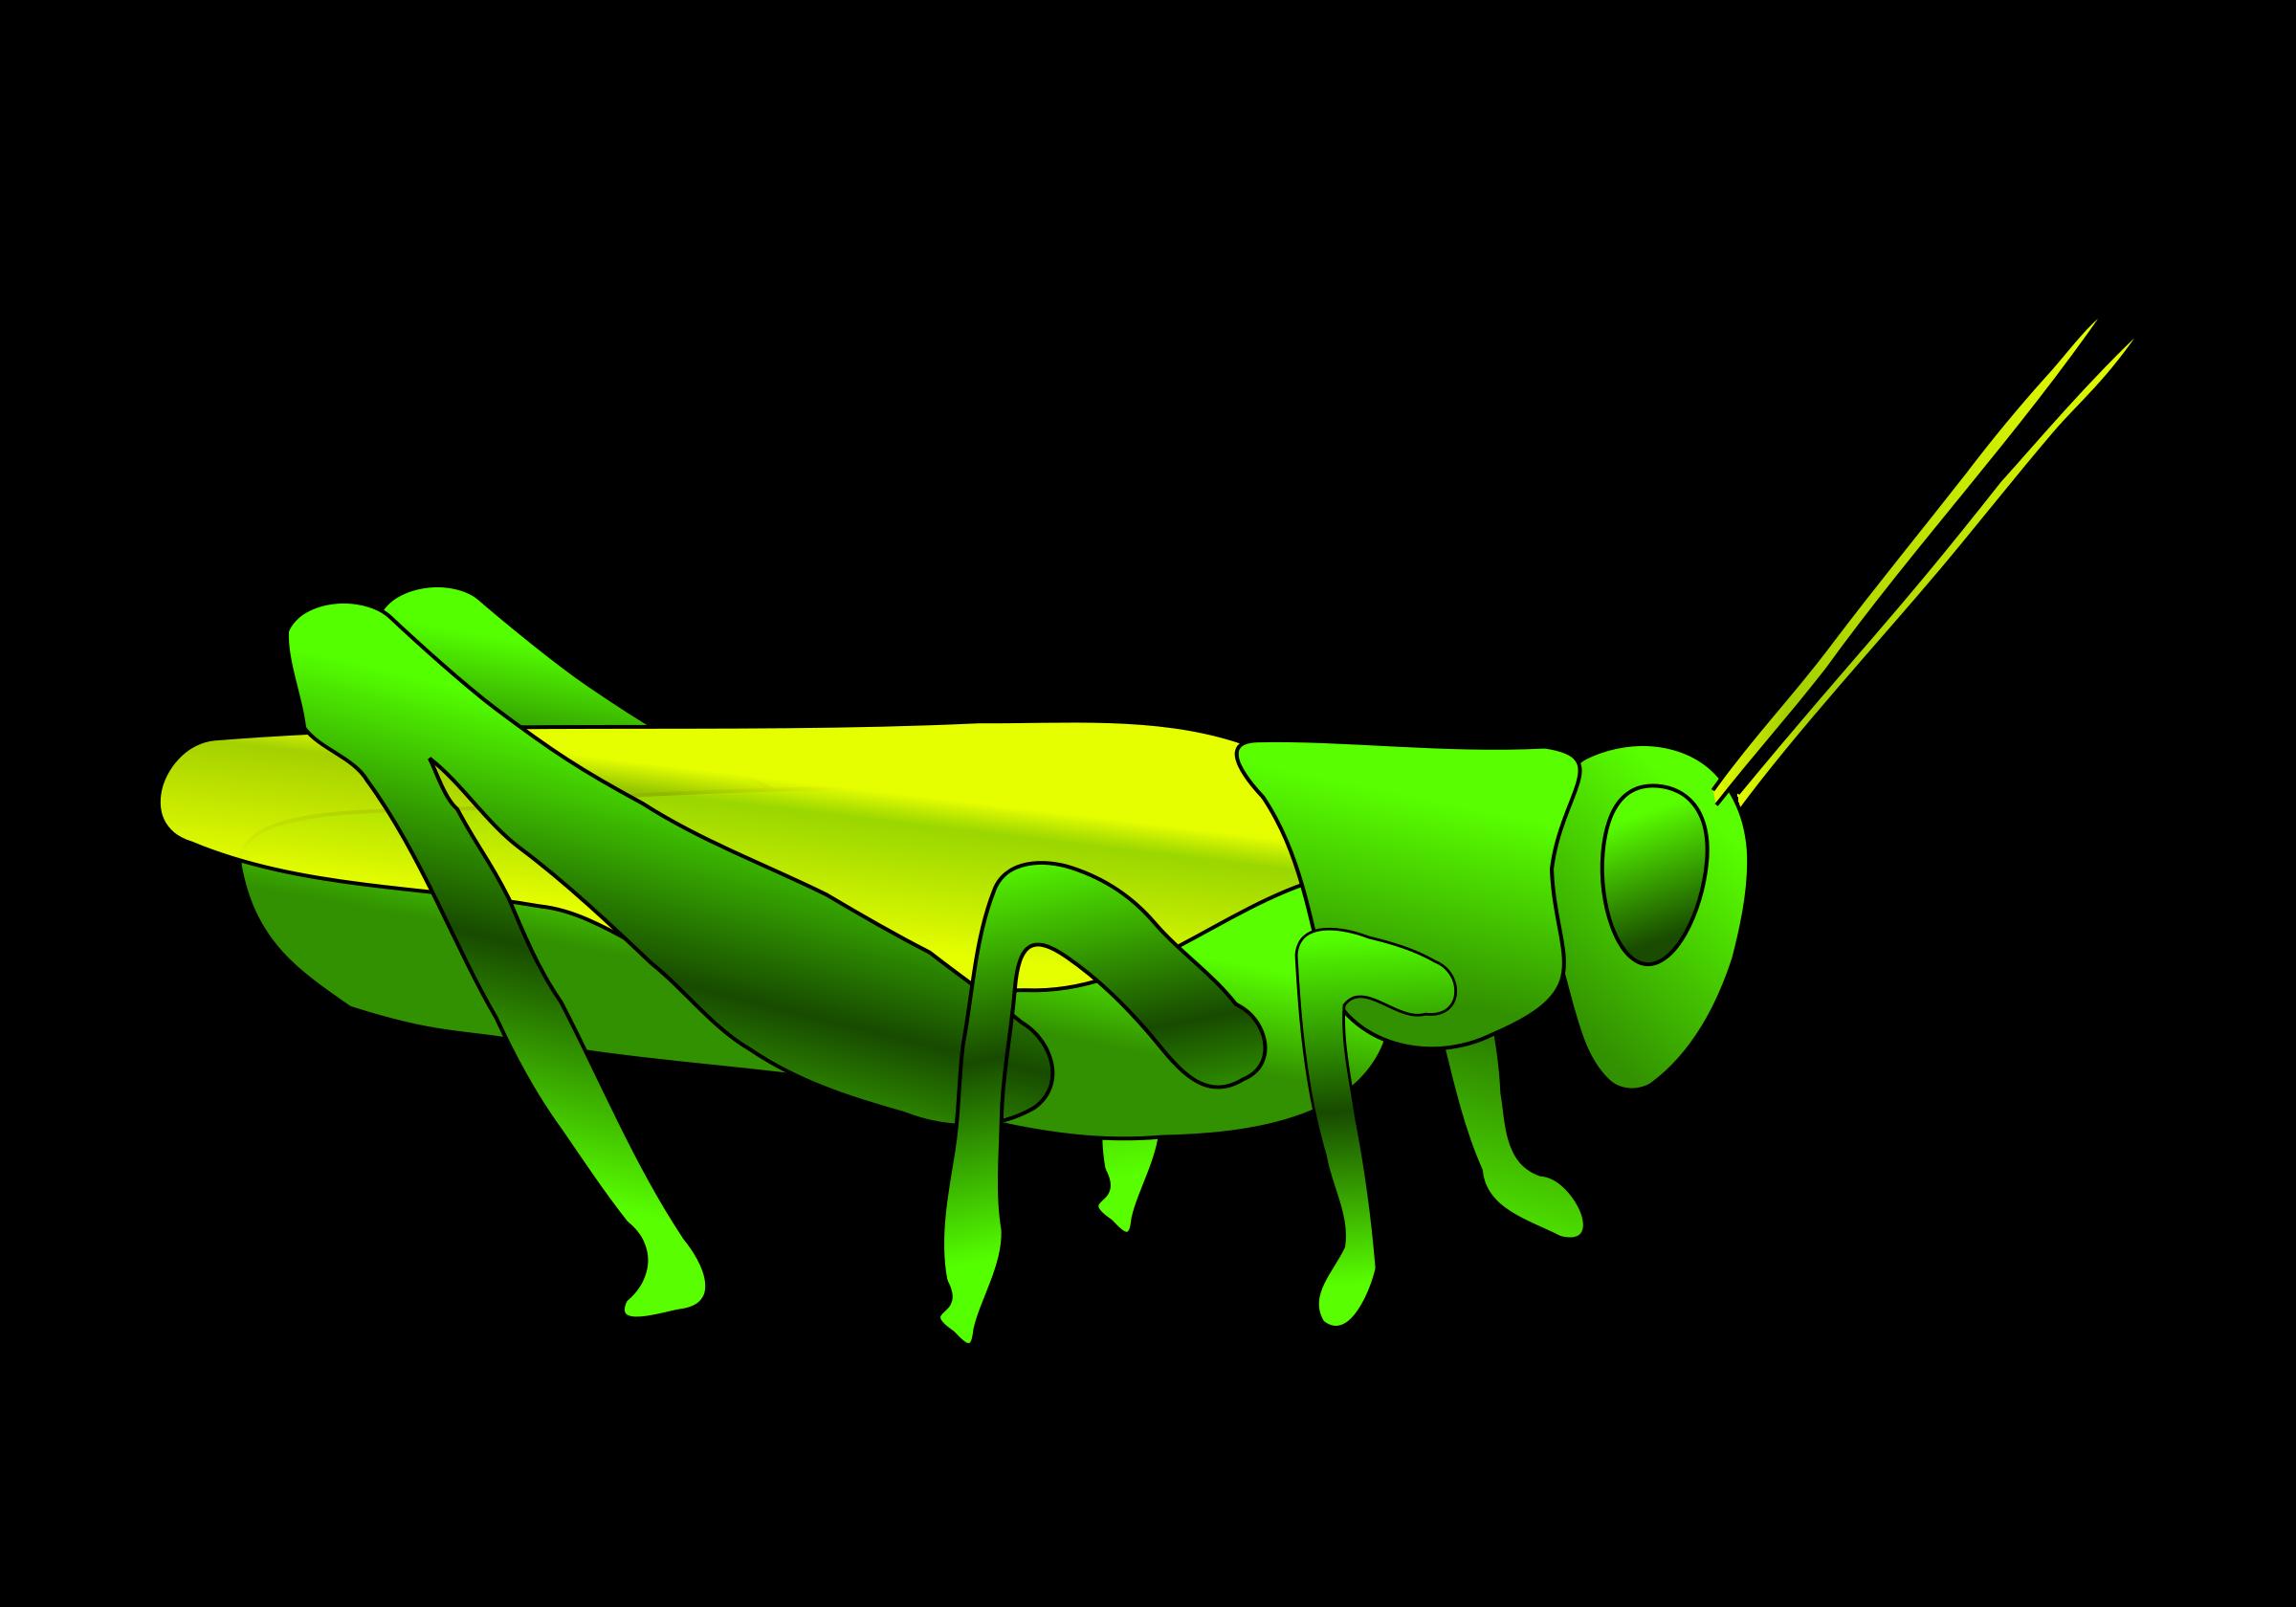 Grasshopper clipart Grasshopper Clipart Clipart #9851 Grasshopper